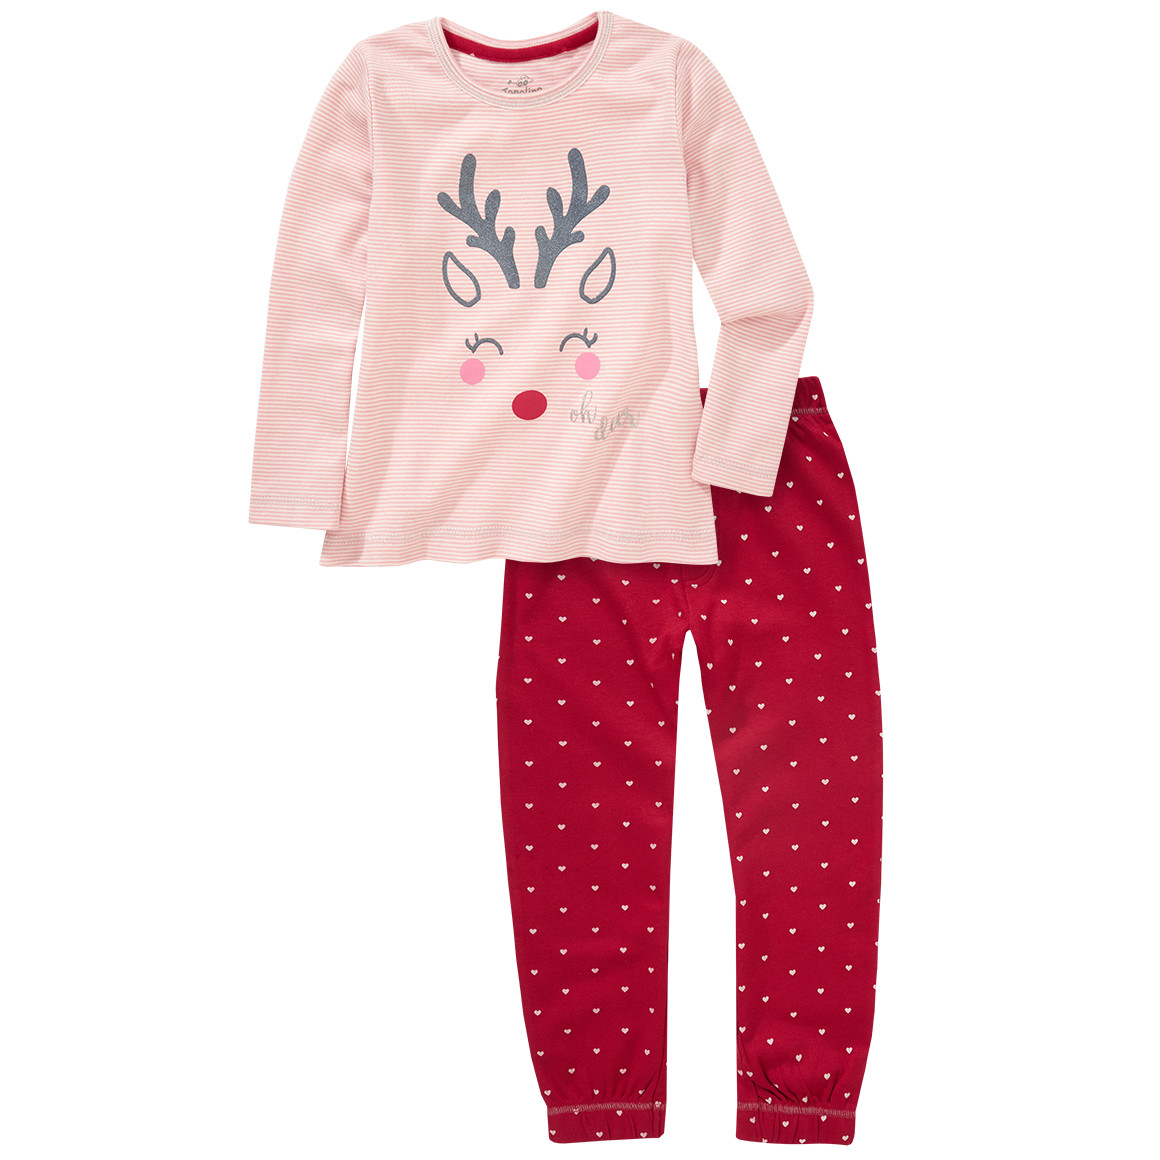 Minigirlwaeschenachtwaesche - Mädchen Schlafanzug mit Glitzer - Onlineshop Ernstings family